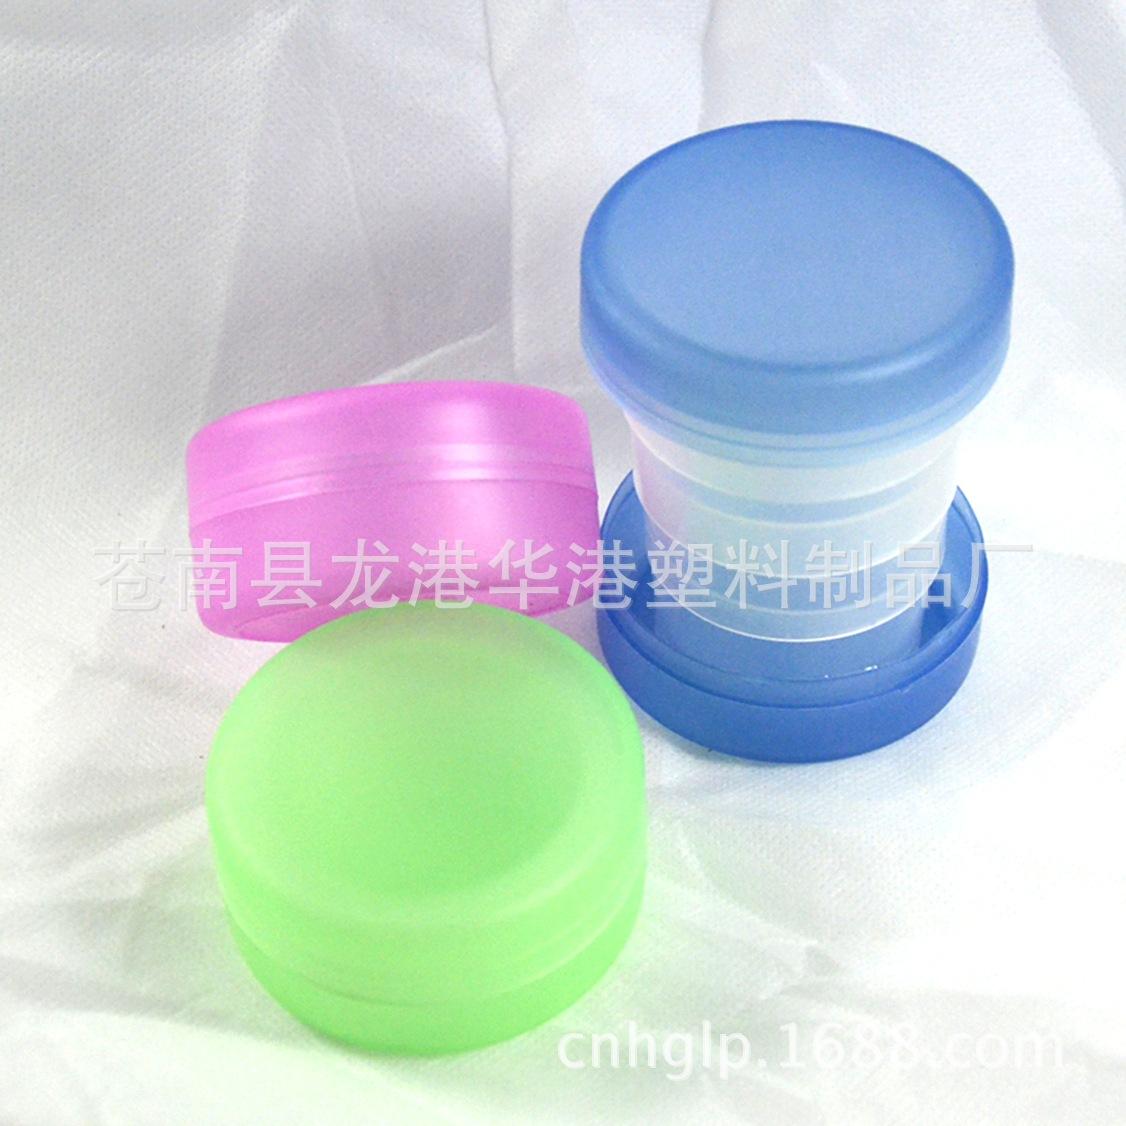 温州订做塑料杯 厂家批发现货塑料广告水杯 伸缩折叠杯